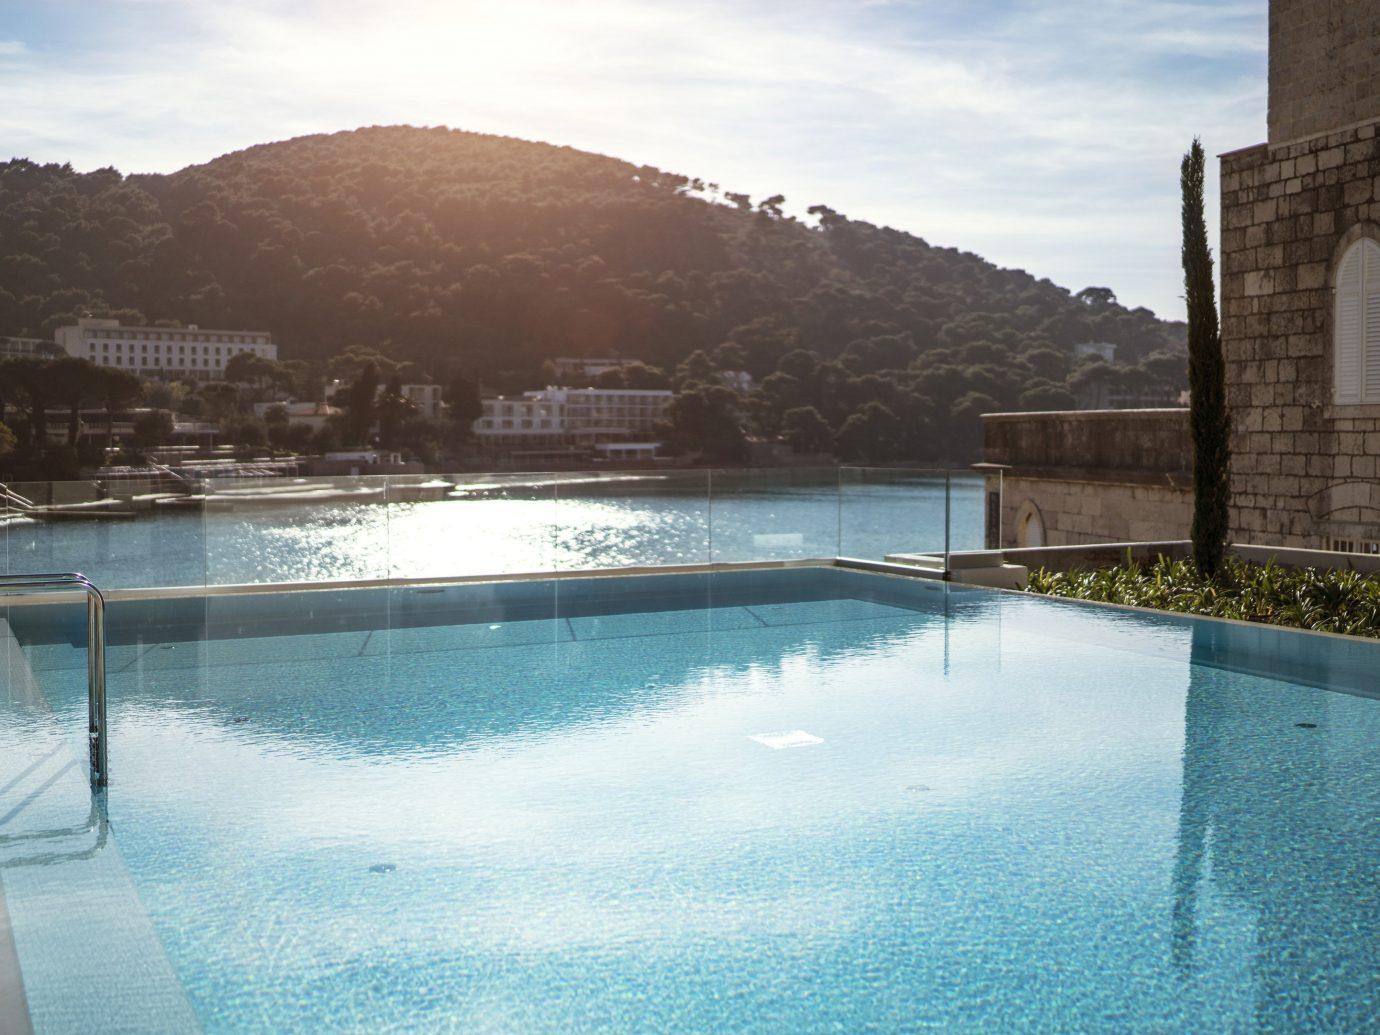 Hotel Kompas in Dubrovnik, Croatia